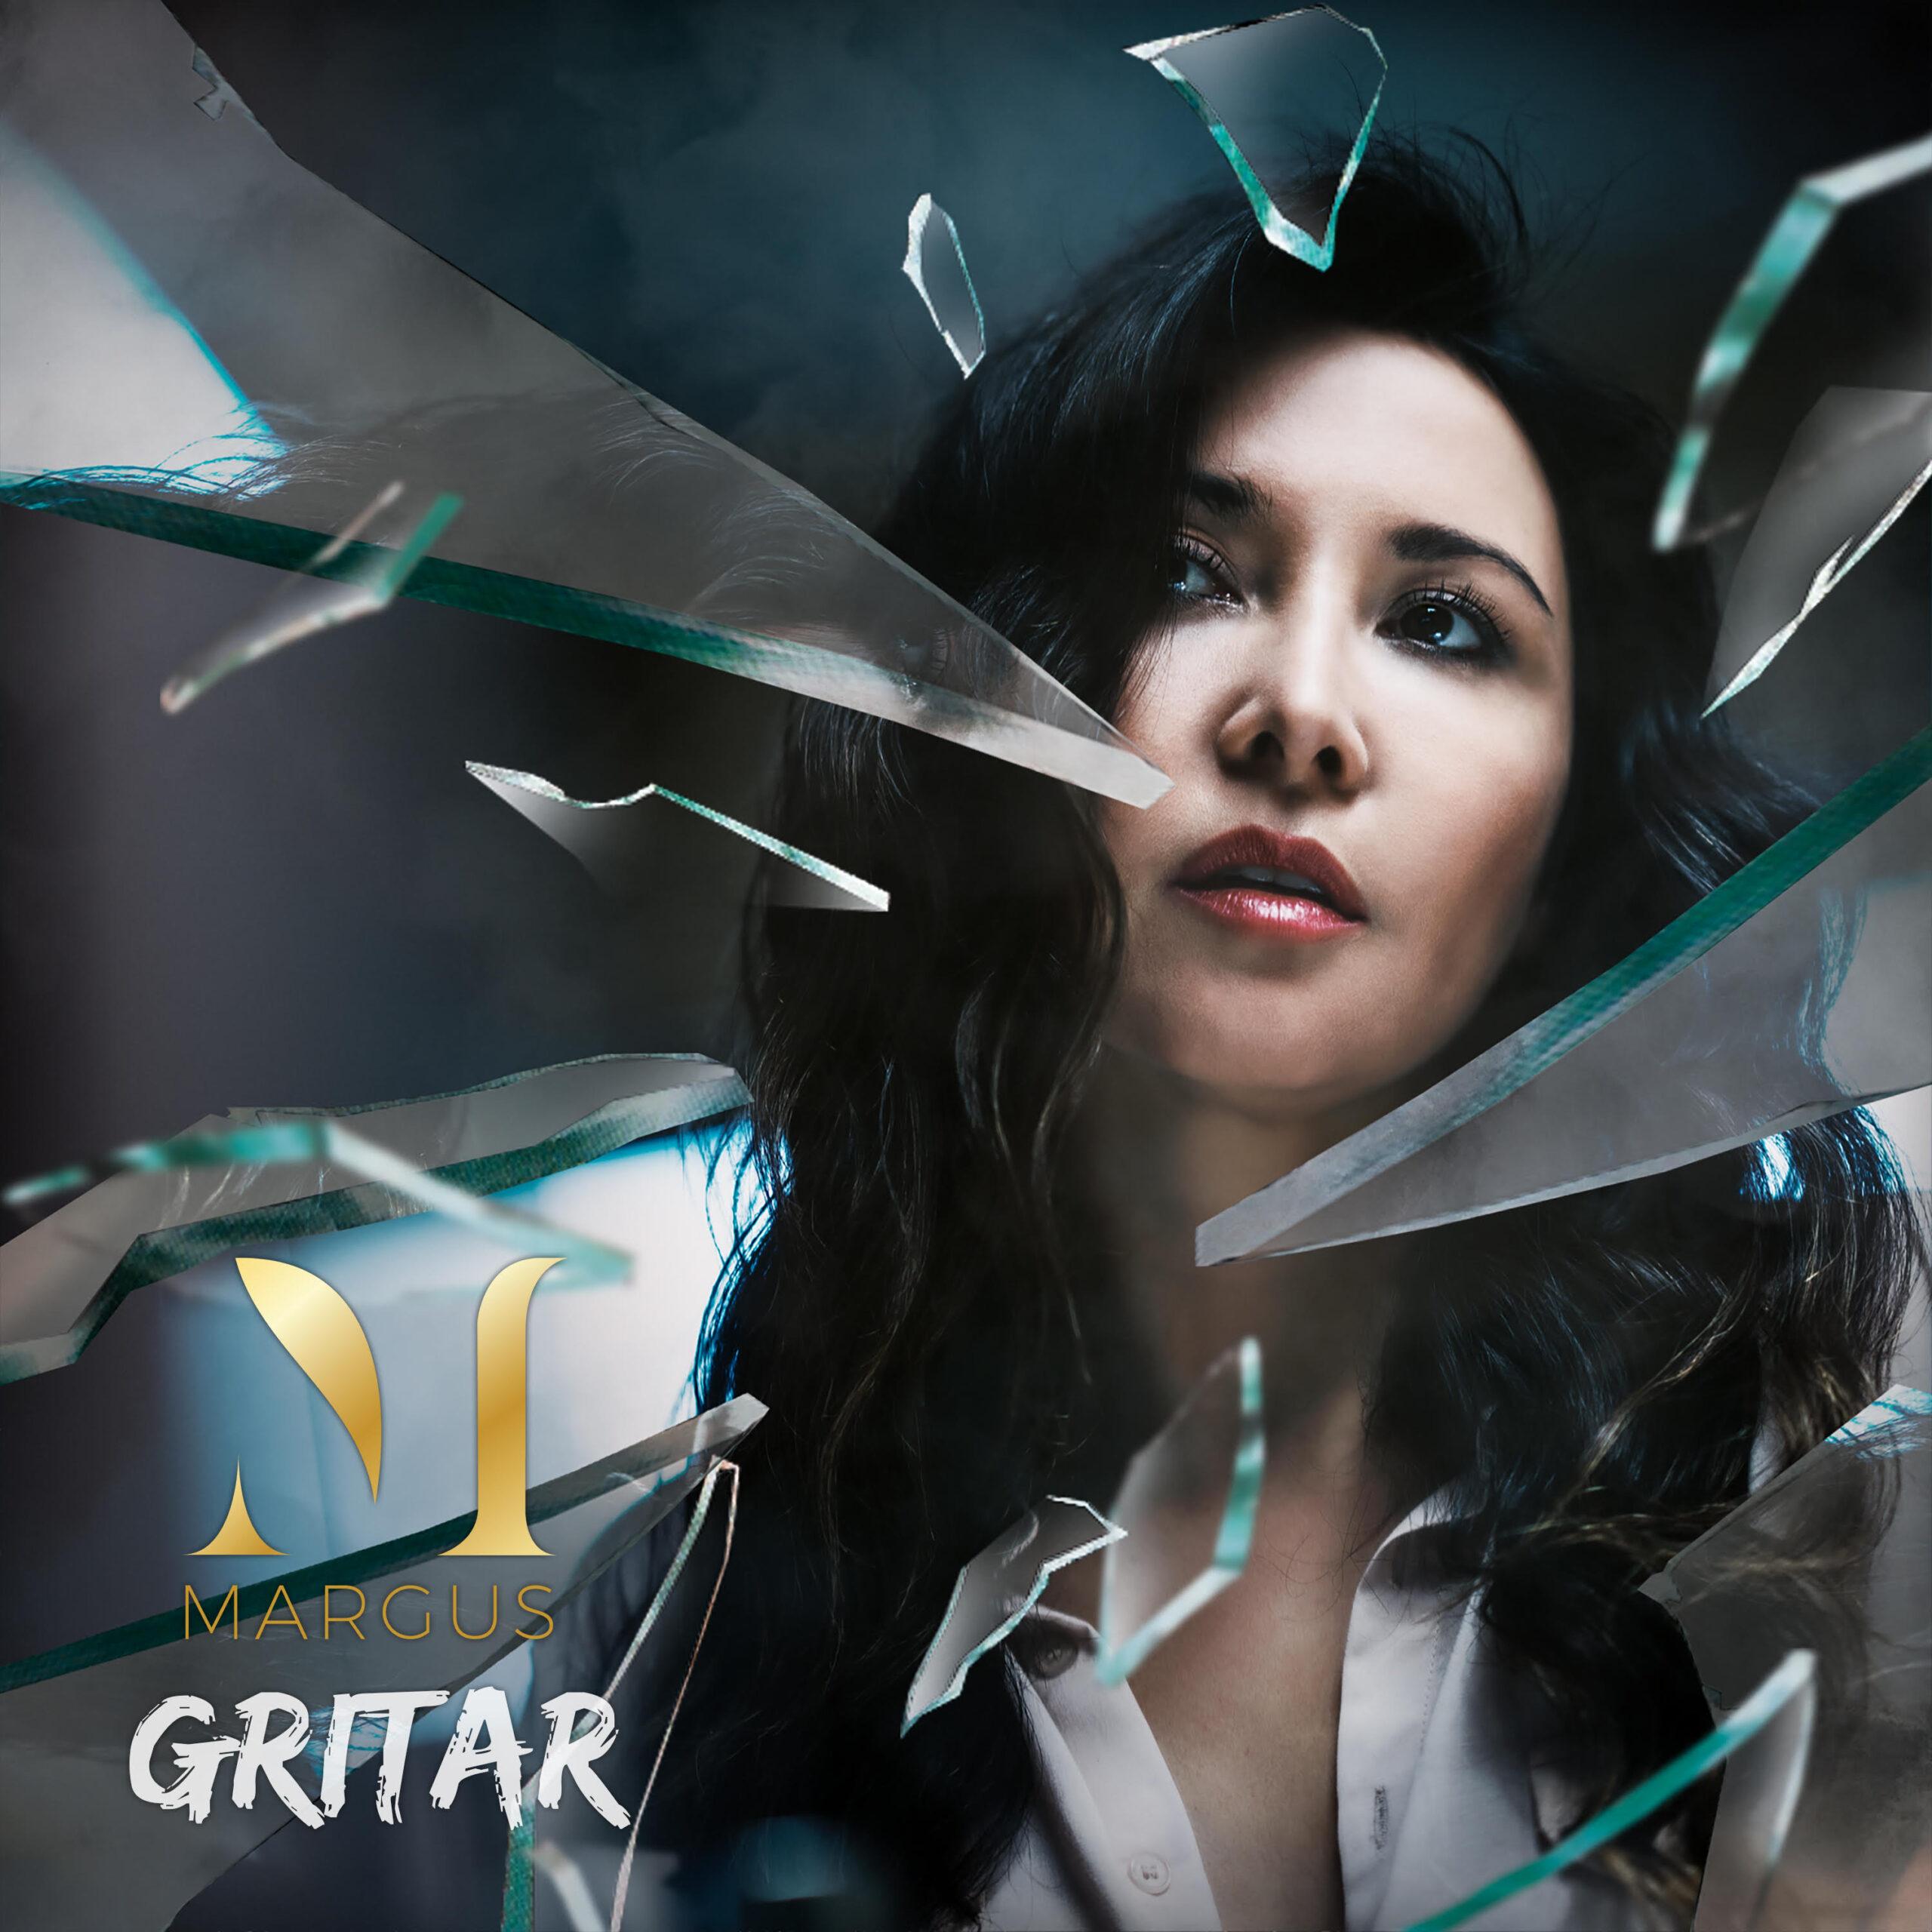 """Margus estrena su nuevo sencillo """"Gritar"""", un llamado terminar con el abuso y violencia que viven las mujeres #YaNoMás"""